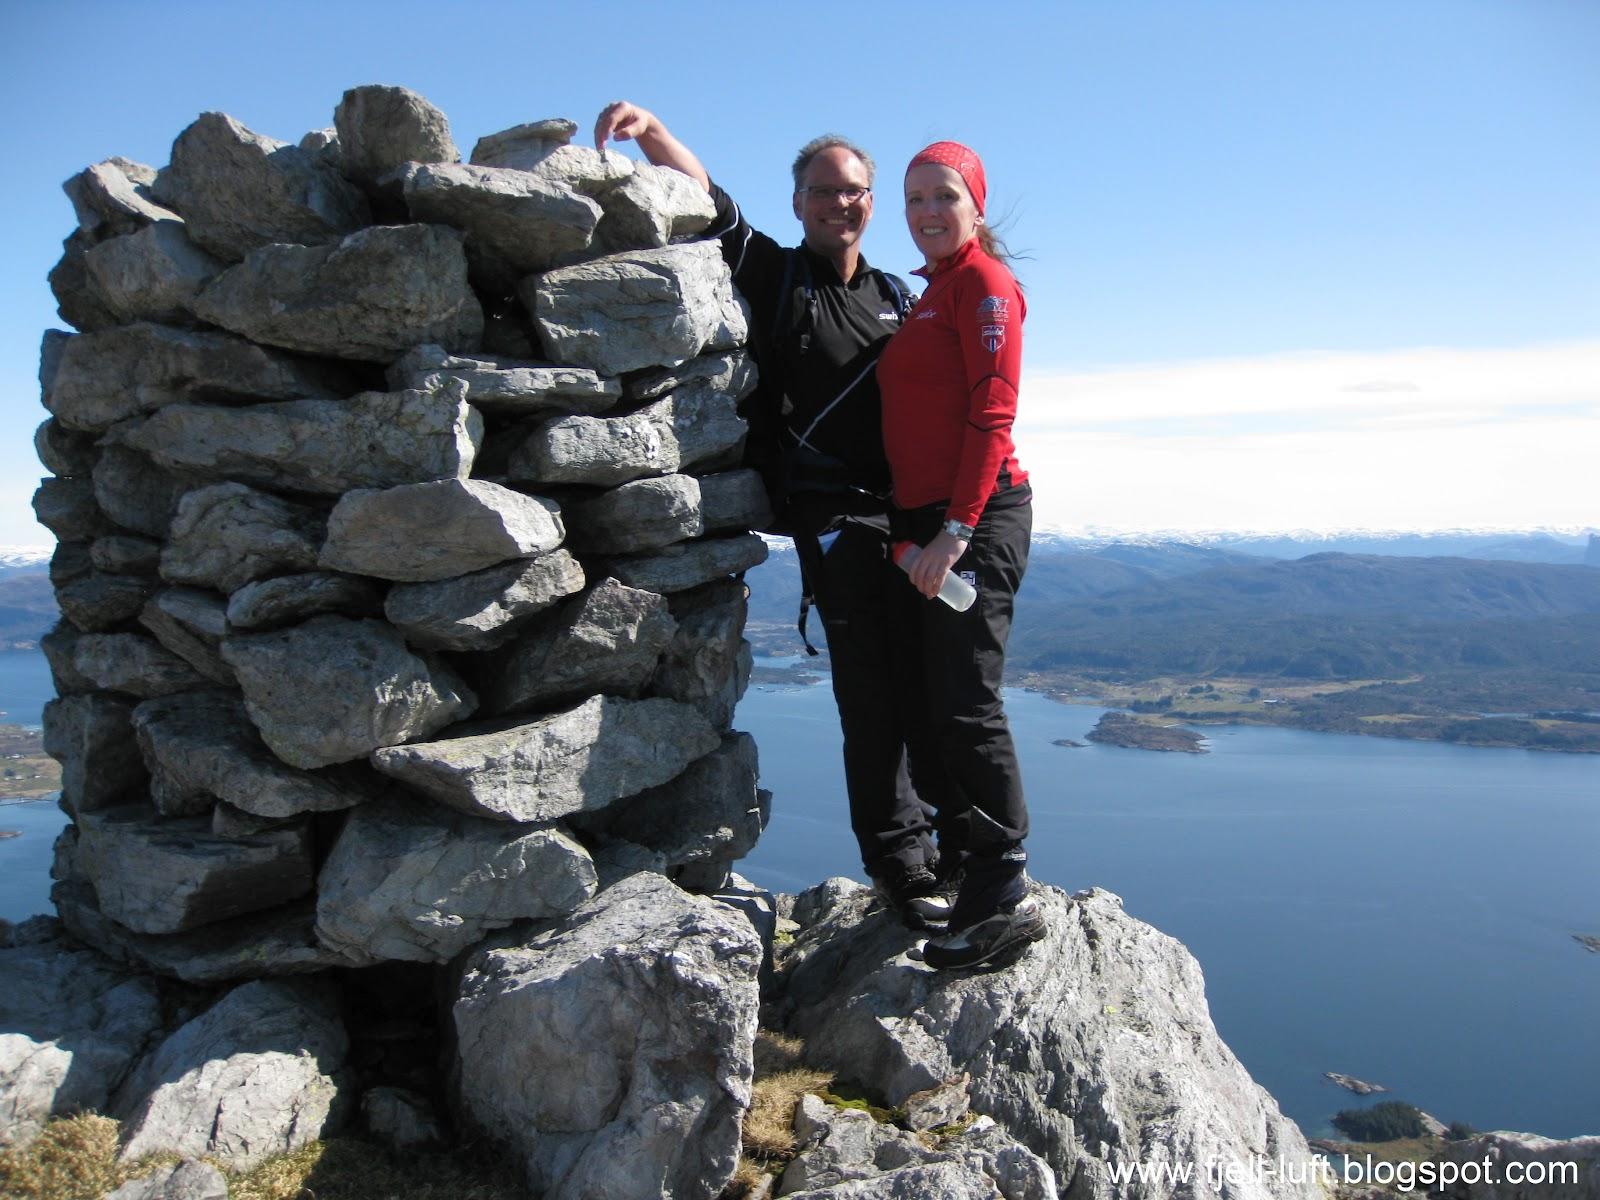 vi menn damer bilder sogn og fjordane